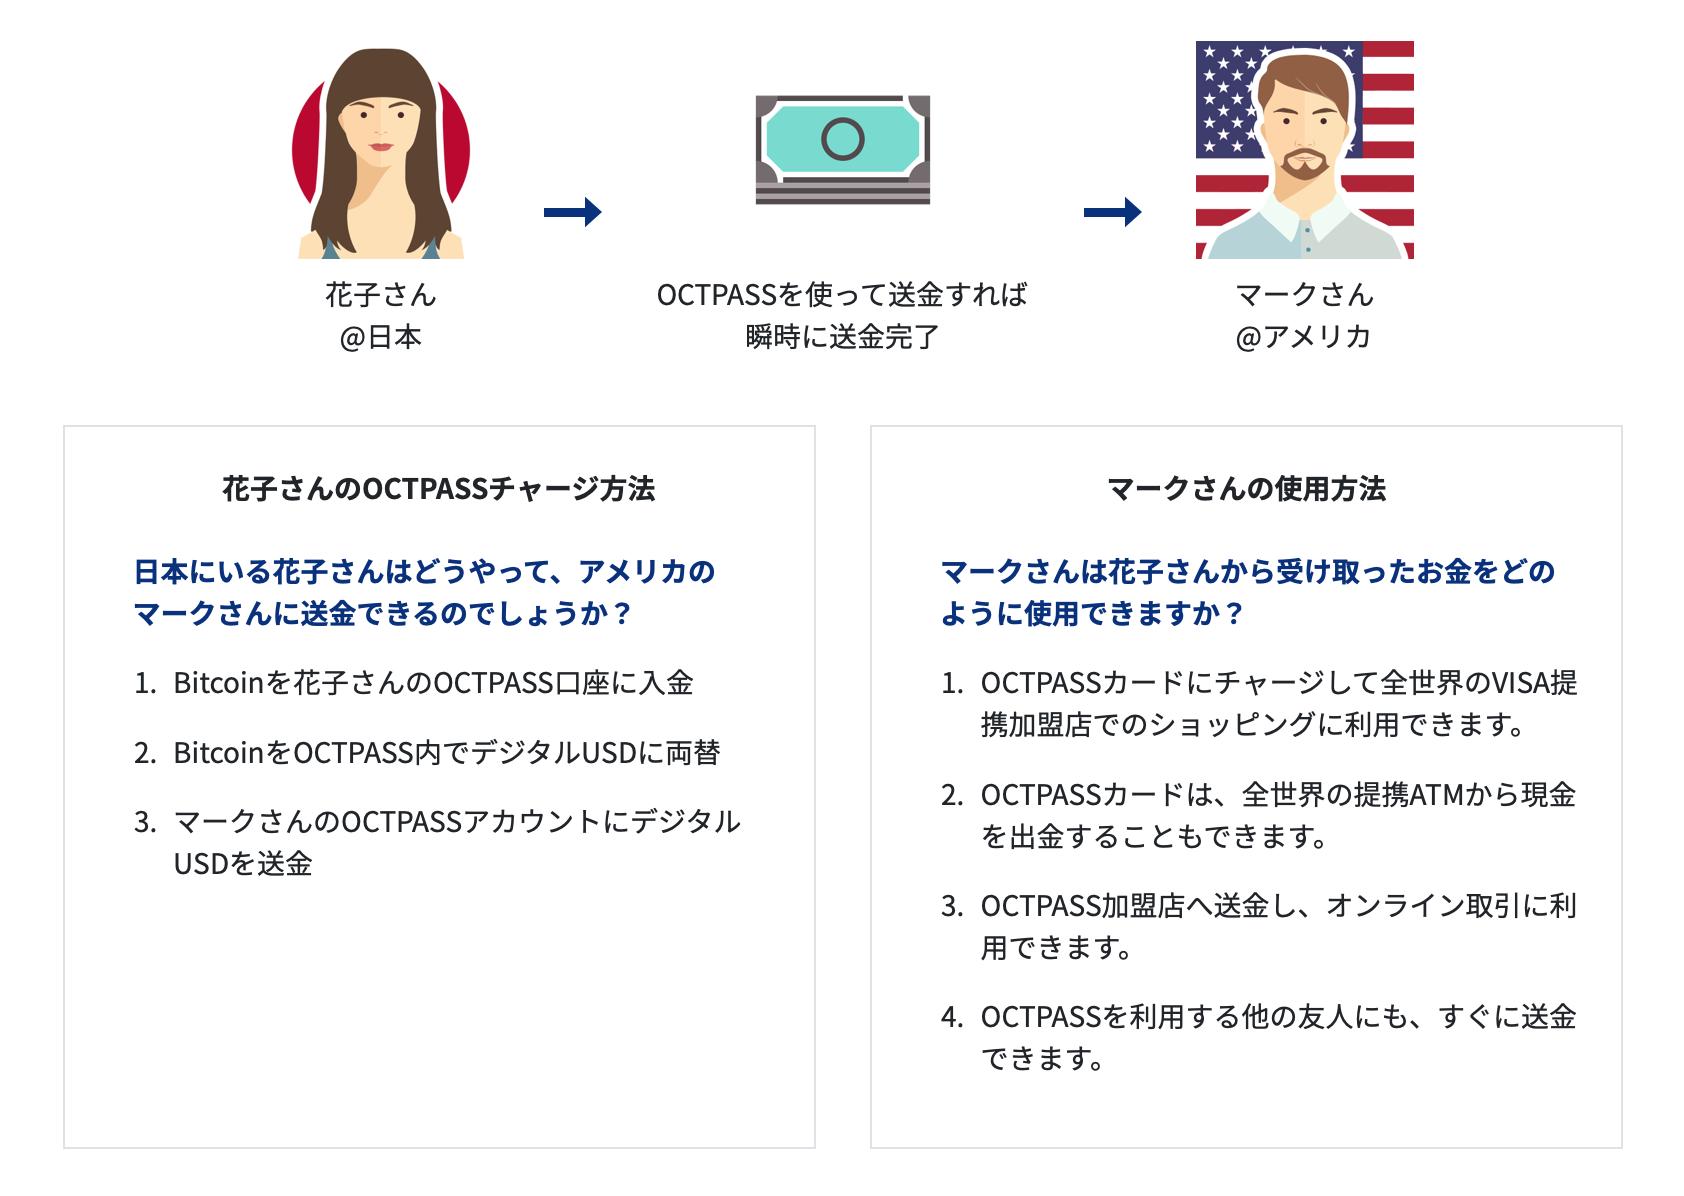 日本に住んでいる花子さんは、アメリカに住んでいる友人のマークさんに送金する場合。 通常、花子さんがマークさんに送金する方法は、銀行を使った海外送金しかありません。海外送金の手数料は高く、お金が着金されるまで早くて2~3日掛かります。 しかし、花子さんとマークさんがOCTPASS口座を持っていれば、瞬時に送金が可能です。 花子さん @日本 OCTPASSを使って送金すれば 瞬時に送金完了 マークさん @アメリカ 花子さんのOCTPASSチャージ方法 日本にいる花子さんはどうやって、アメリカのマークさんに送金できるのでしょうか? Bitcoinを花子さんのOCTPASS口座に入金 BitcoinをOCTPASS内でデジタルUSDに両替 マークさんのOCTPASSアカウントにデジタルUSDを送金 マークさんの使用方法 マークさんは花子さんから受け取ったお金をどのように使用できますか? OCTPASSカードにチャージして全世界のVISA提携加盟店でのショッピングに利用できます。 OCTPASSカードは、全世界の提携ATMから現金を出金することもできます。 OCTPASS加盟店へ送金し、オンライン取引に利用できます。 OCTPASSを利用する他の友人にも、すぐに送金できます。